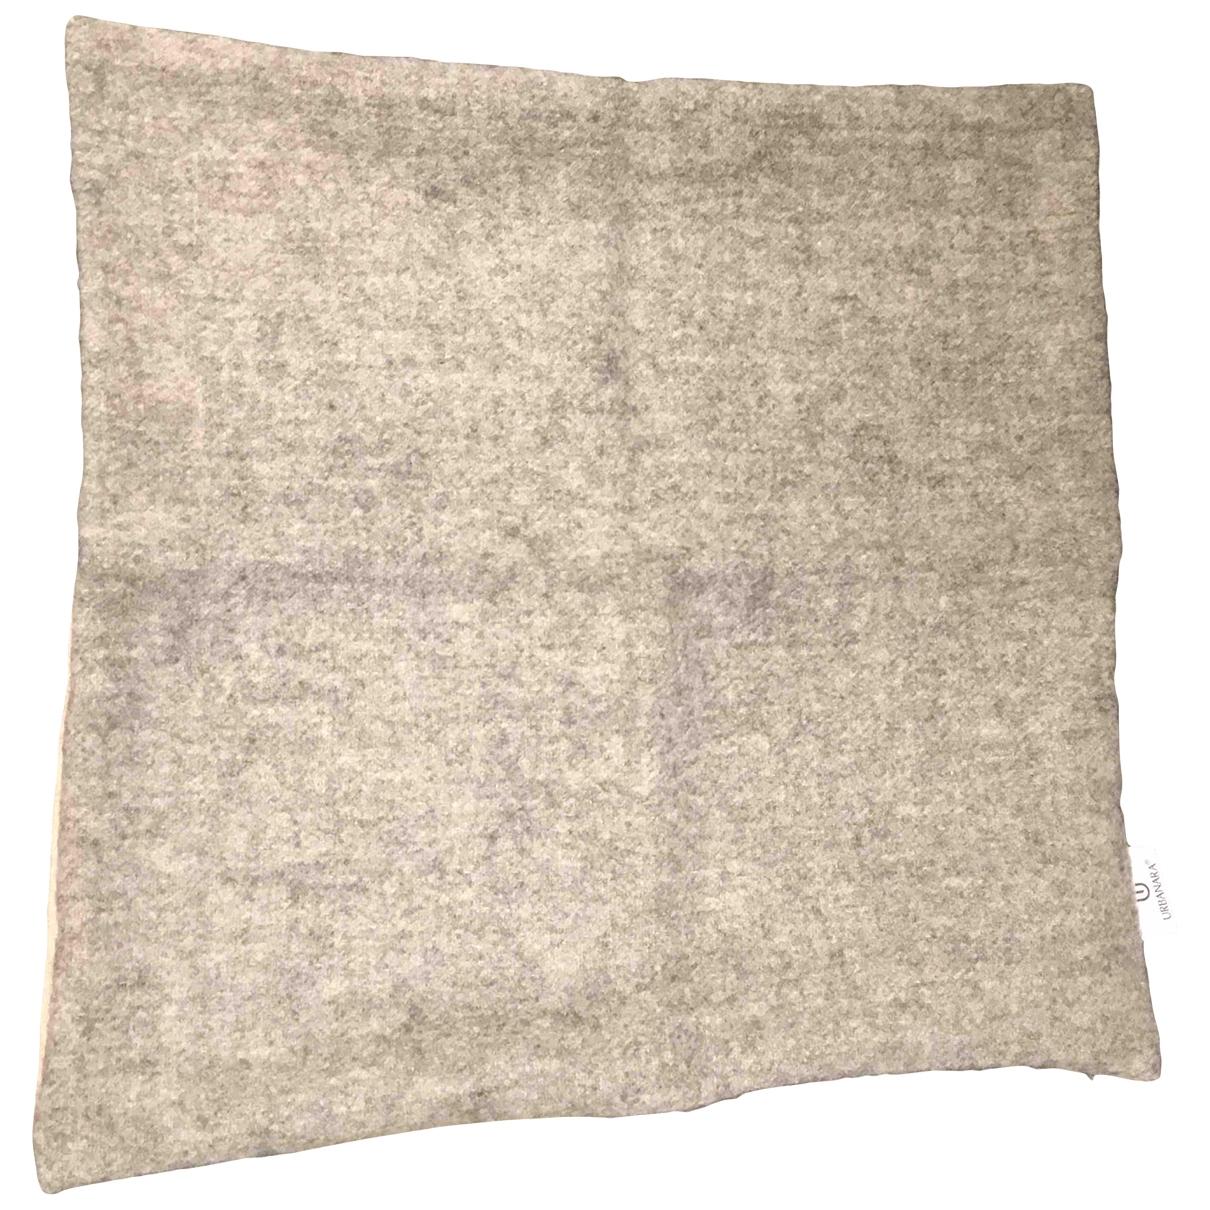 Textil de hogar de Lana Non Signe / Unsigned